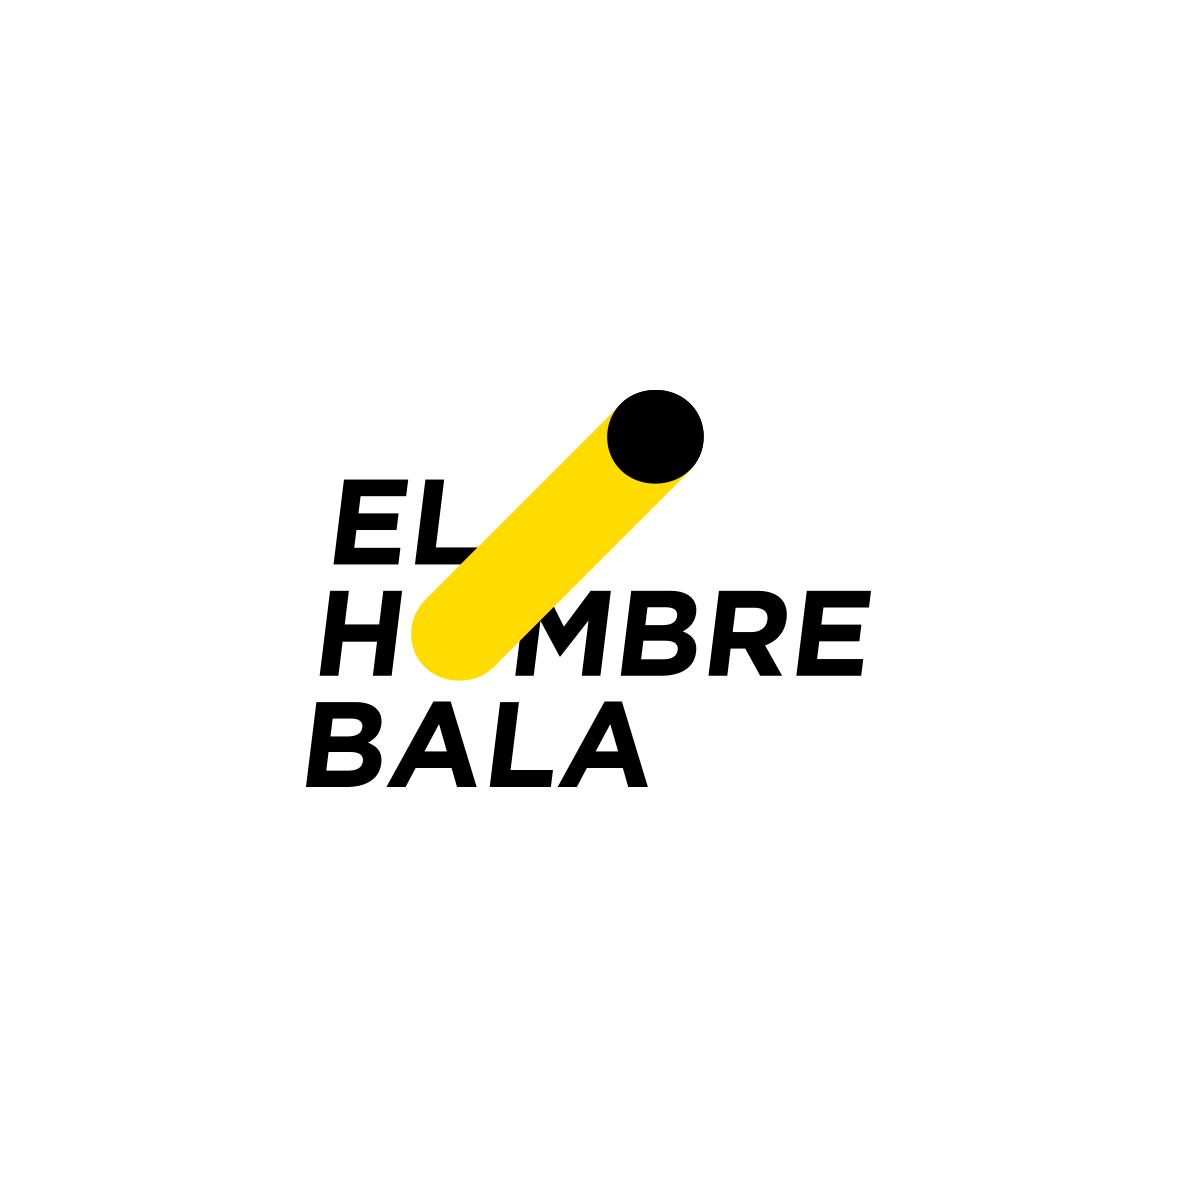 logo_el_hombre_bala_2_c.png